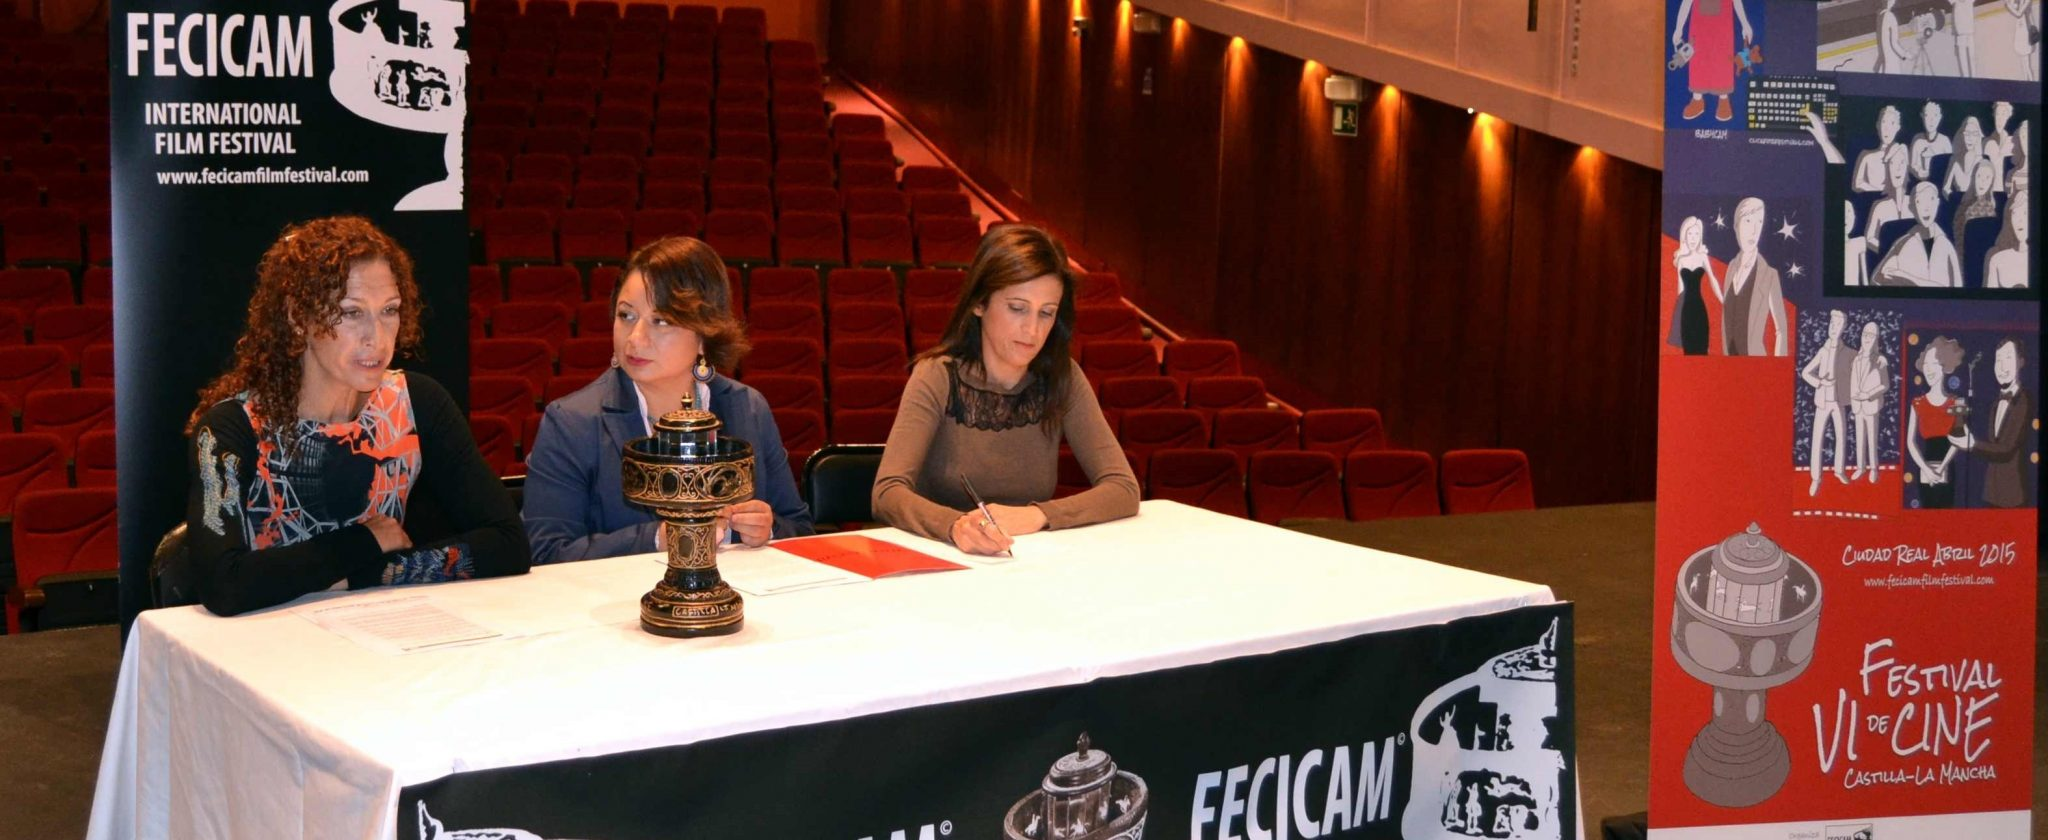 La 6ª edición del Festival de Cine de Castilla-La Mancha, FECICAM se celebrará los días 23, 24 y 25 de abril